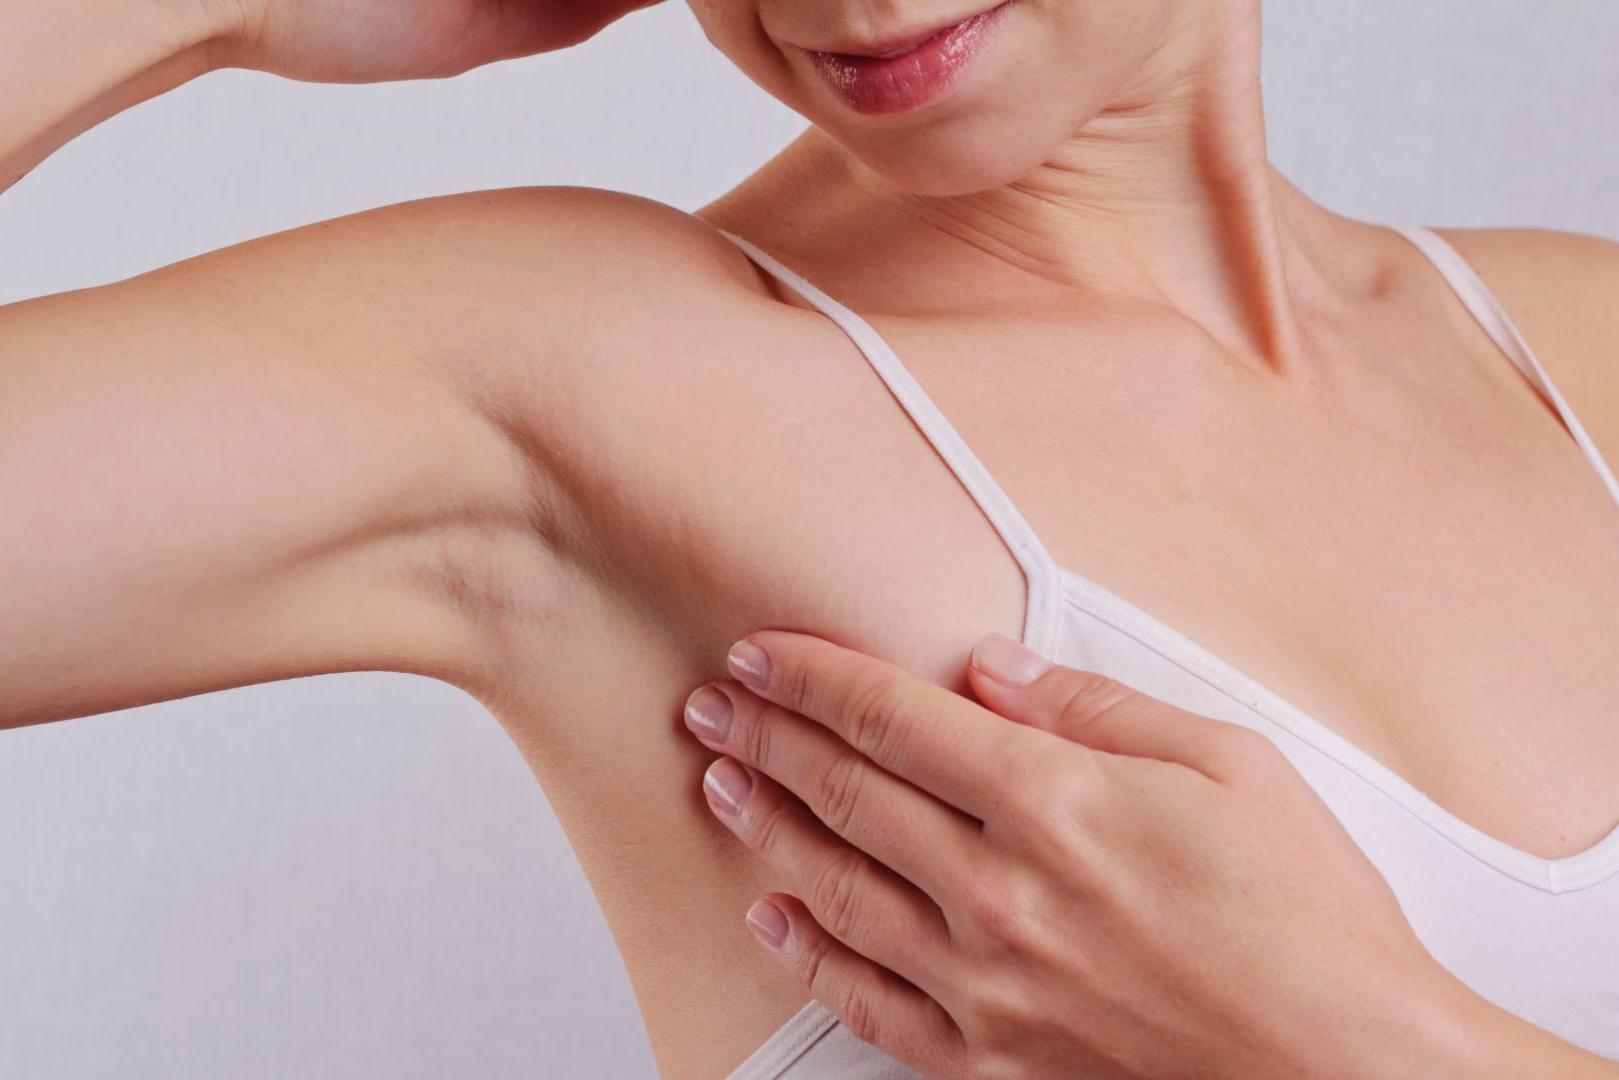 Candida Albicans na Pele: O Que É, Sintomas, Tratamento e Remédios Caseiros